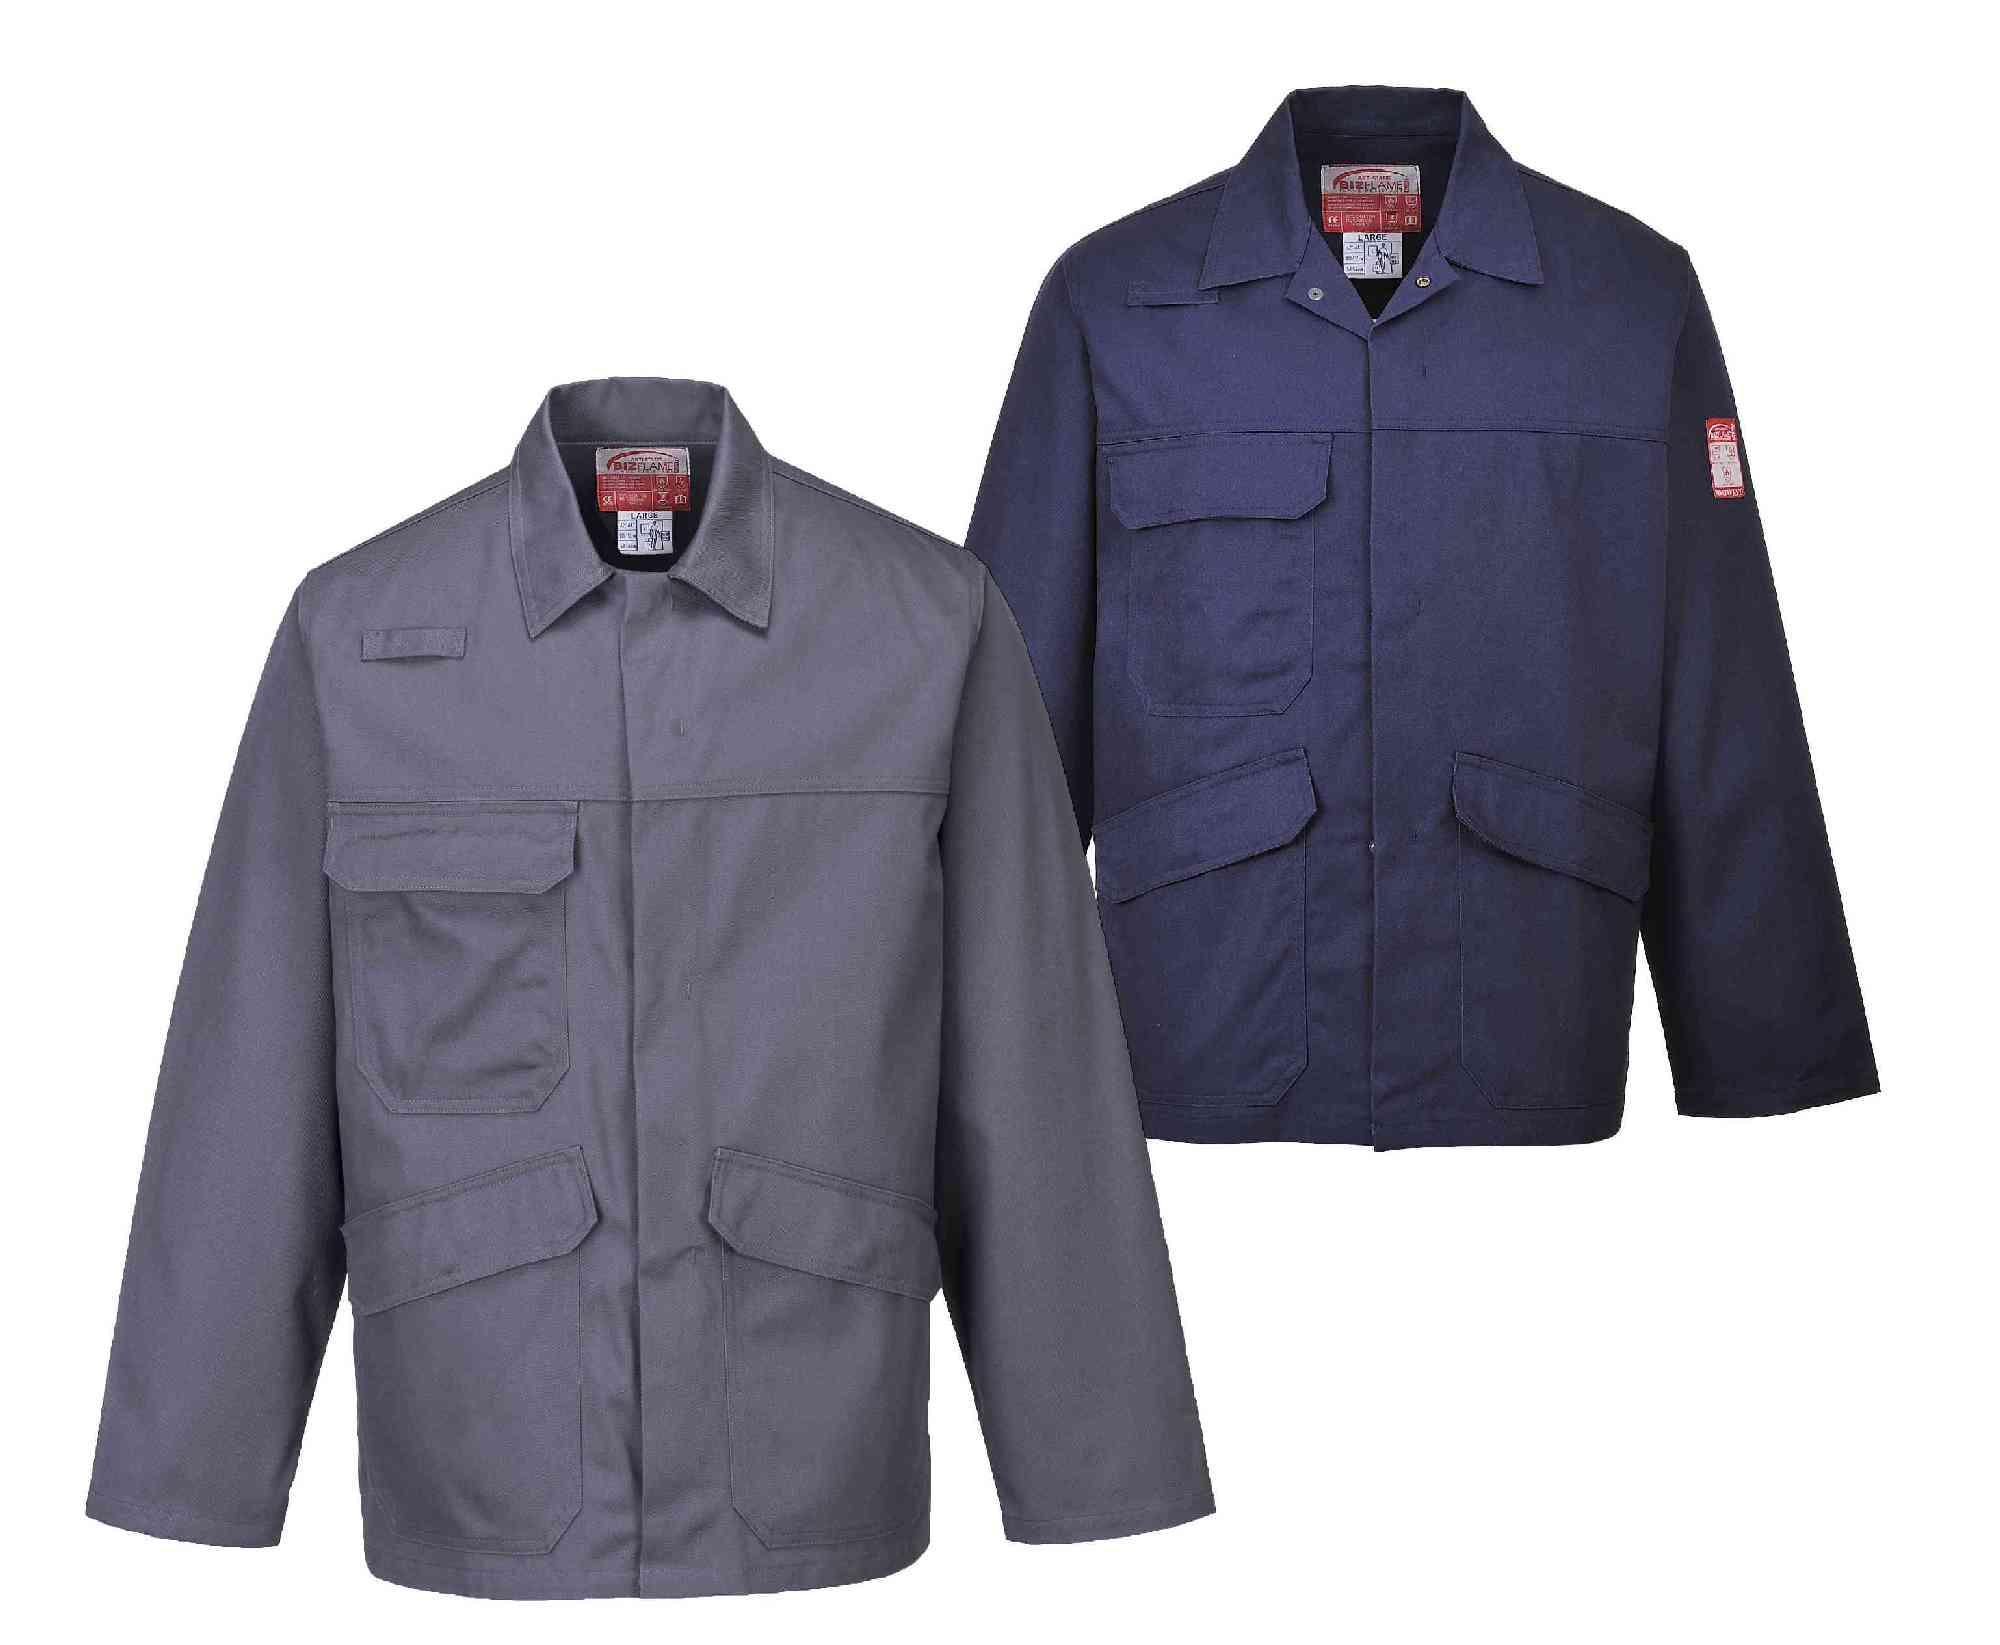 74b54320a1fc Portwest FR35 Bizflame Pro FR Flame Retardant Antistatic Dirver Jacket